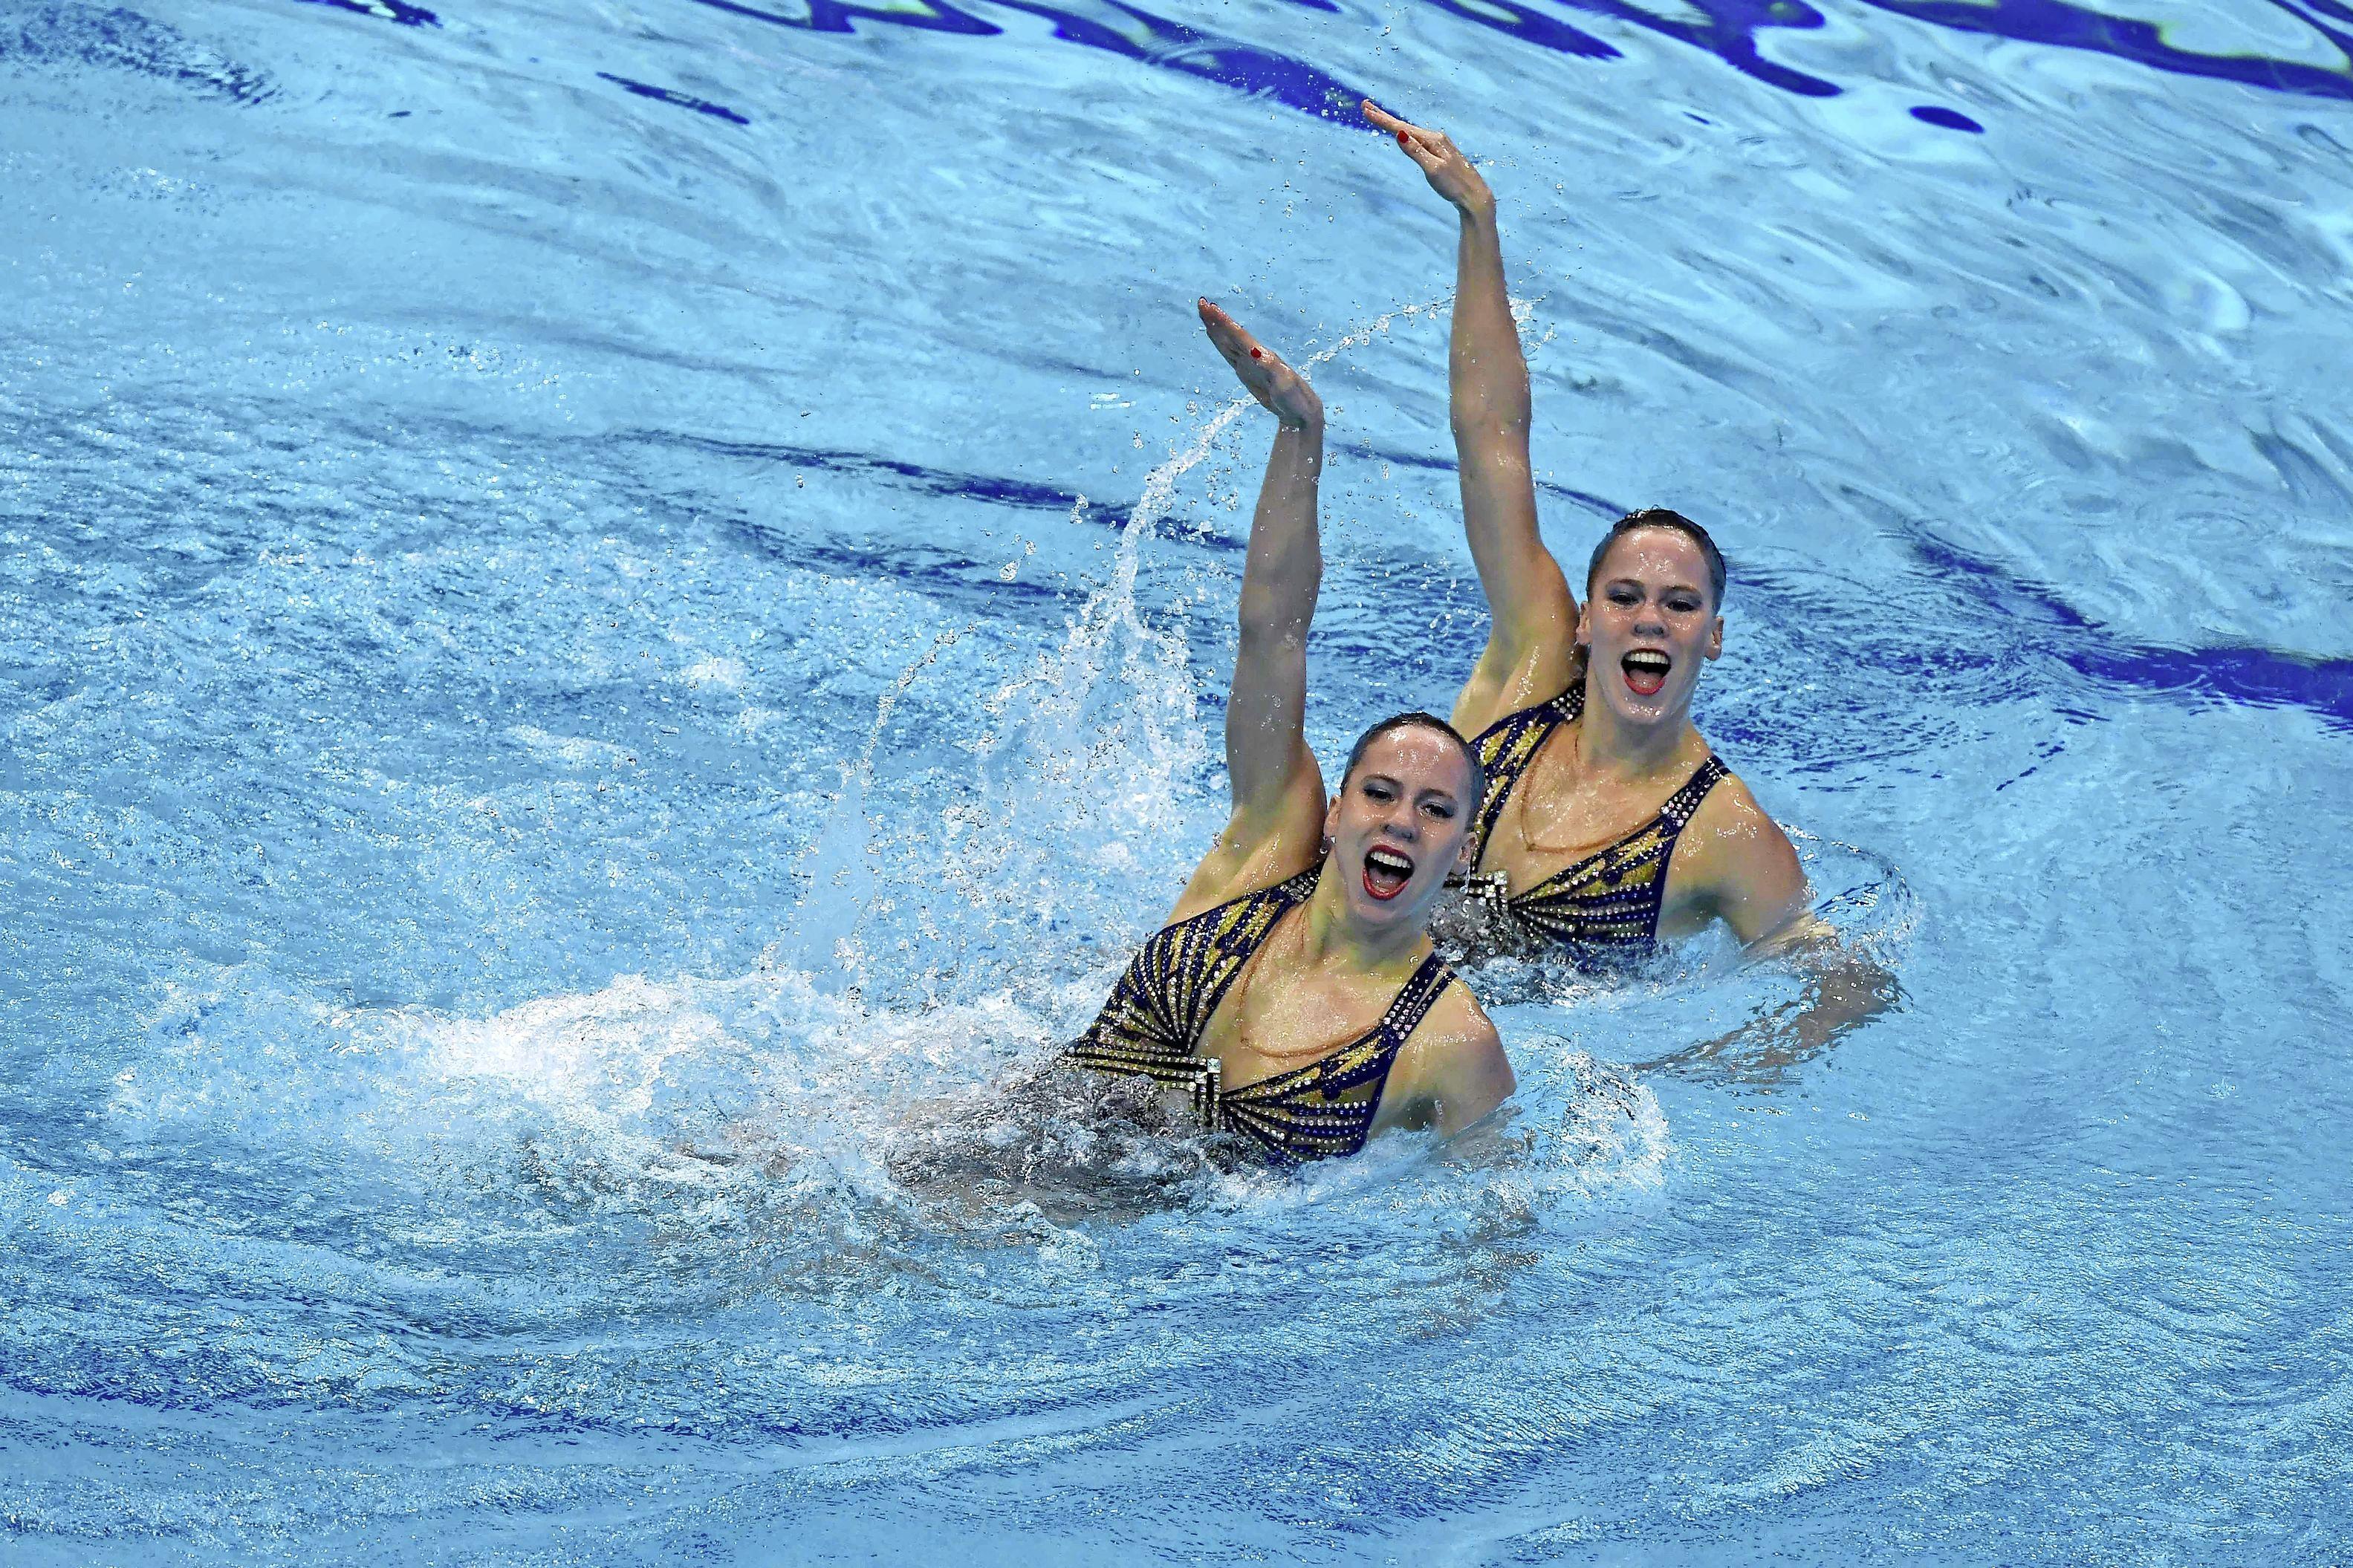 Tweeling De Brouwer uit Hoofddorp plaatst zich voor Tokio; Nederland daarmee in alle zwemdisciplines vertegenwoordigd op de Spelen